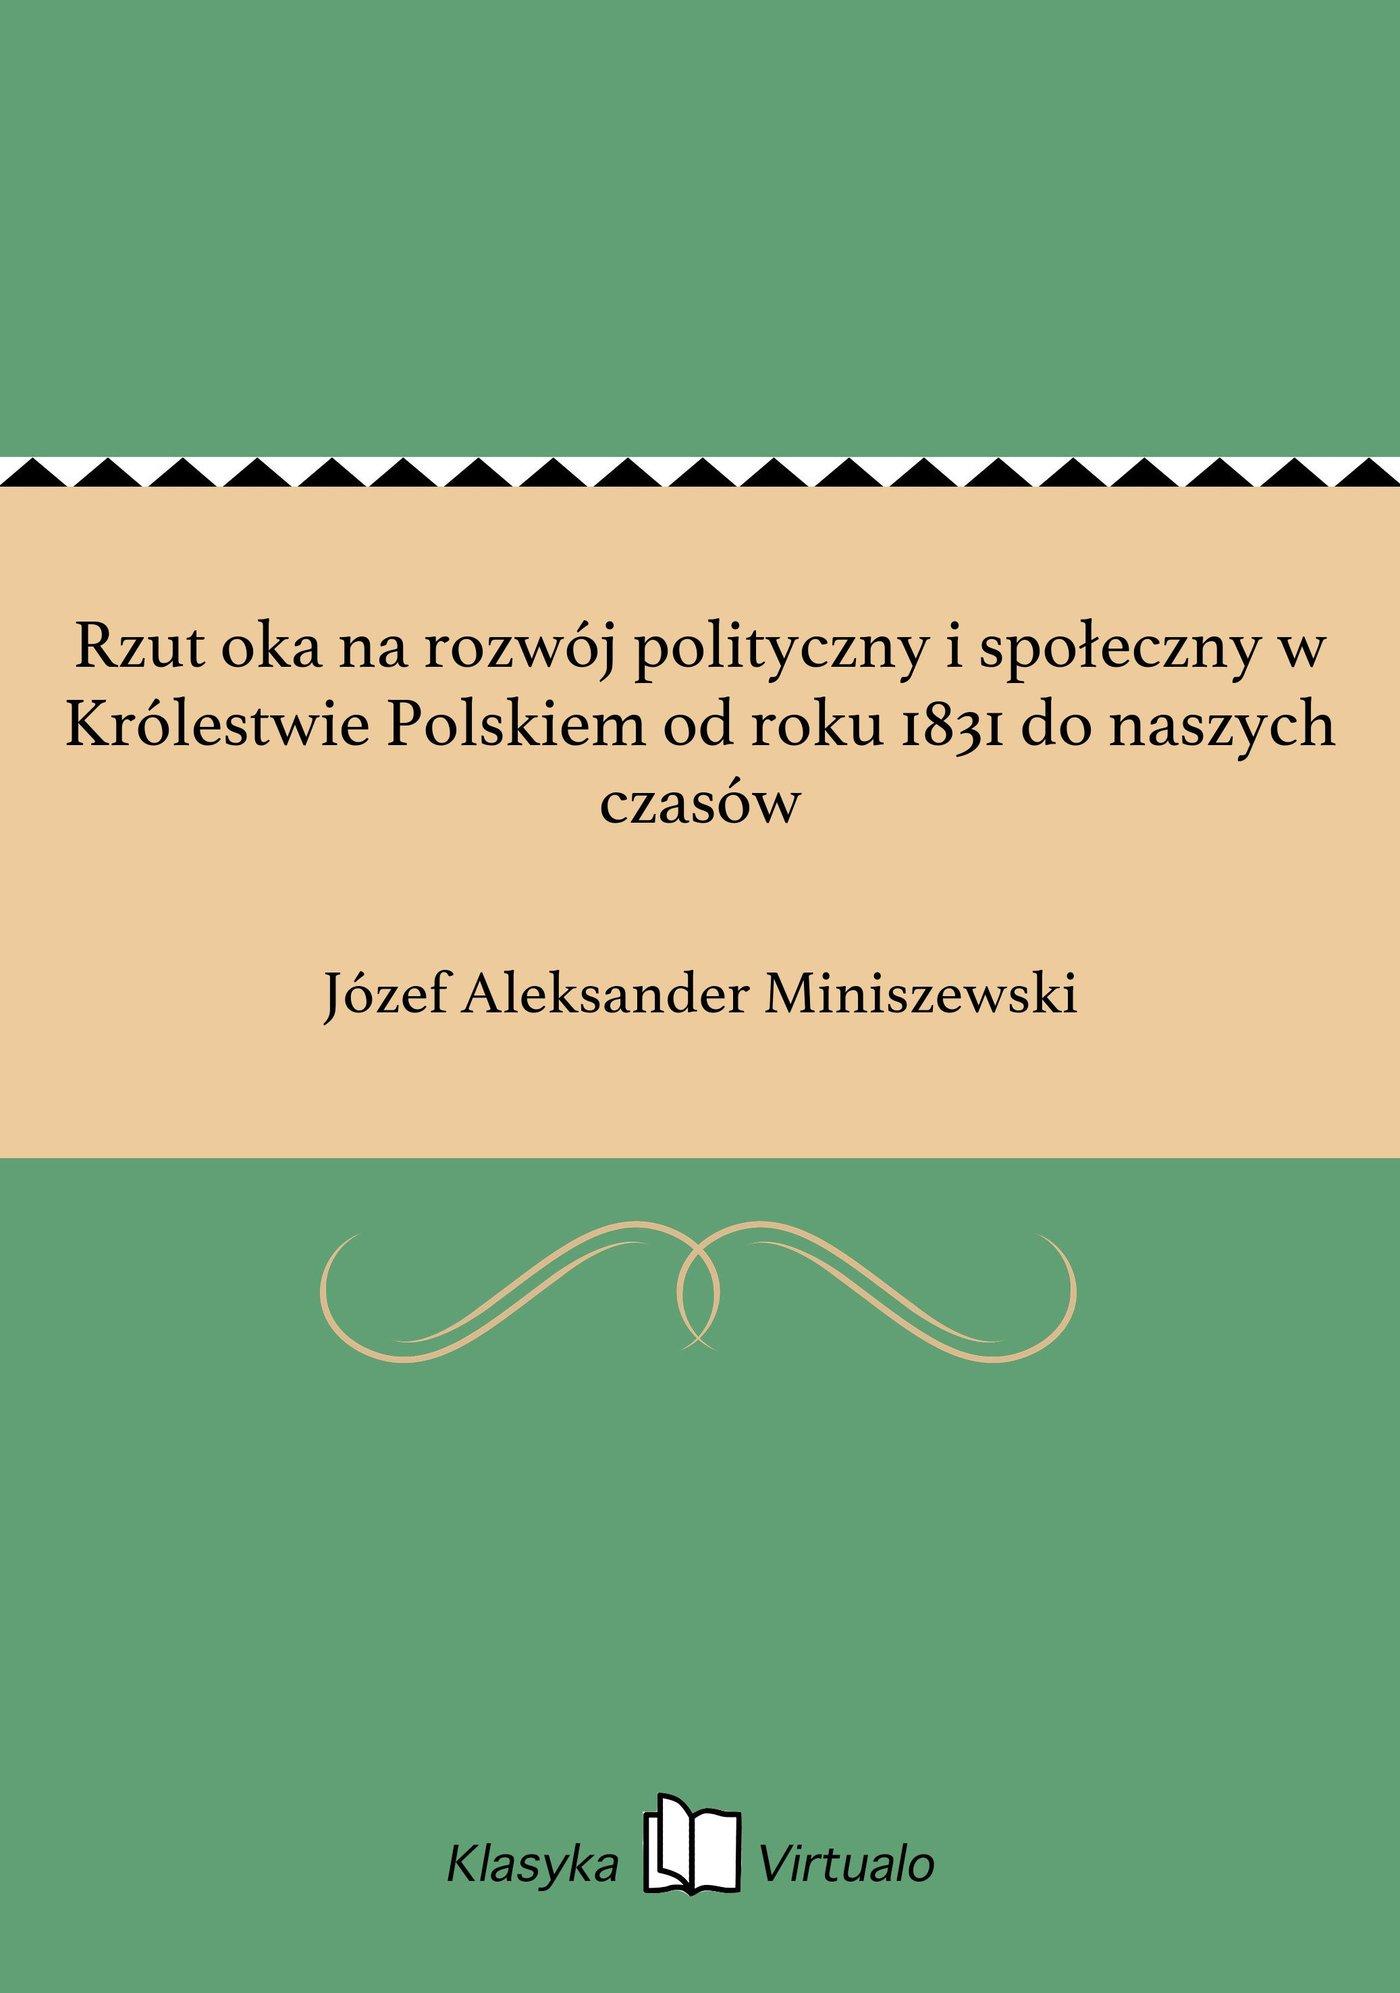 Rzut oka na rozwój polityczny i społeczny w Królestwie Polskiem od roku 1831 do naszych czasów - Ebook (Książka EPUB) do pobrania w formacie EPUB